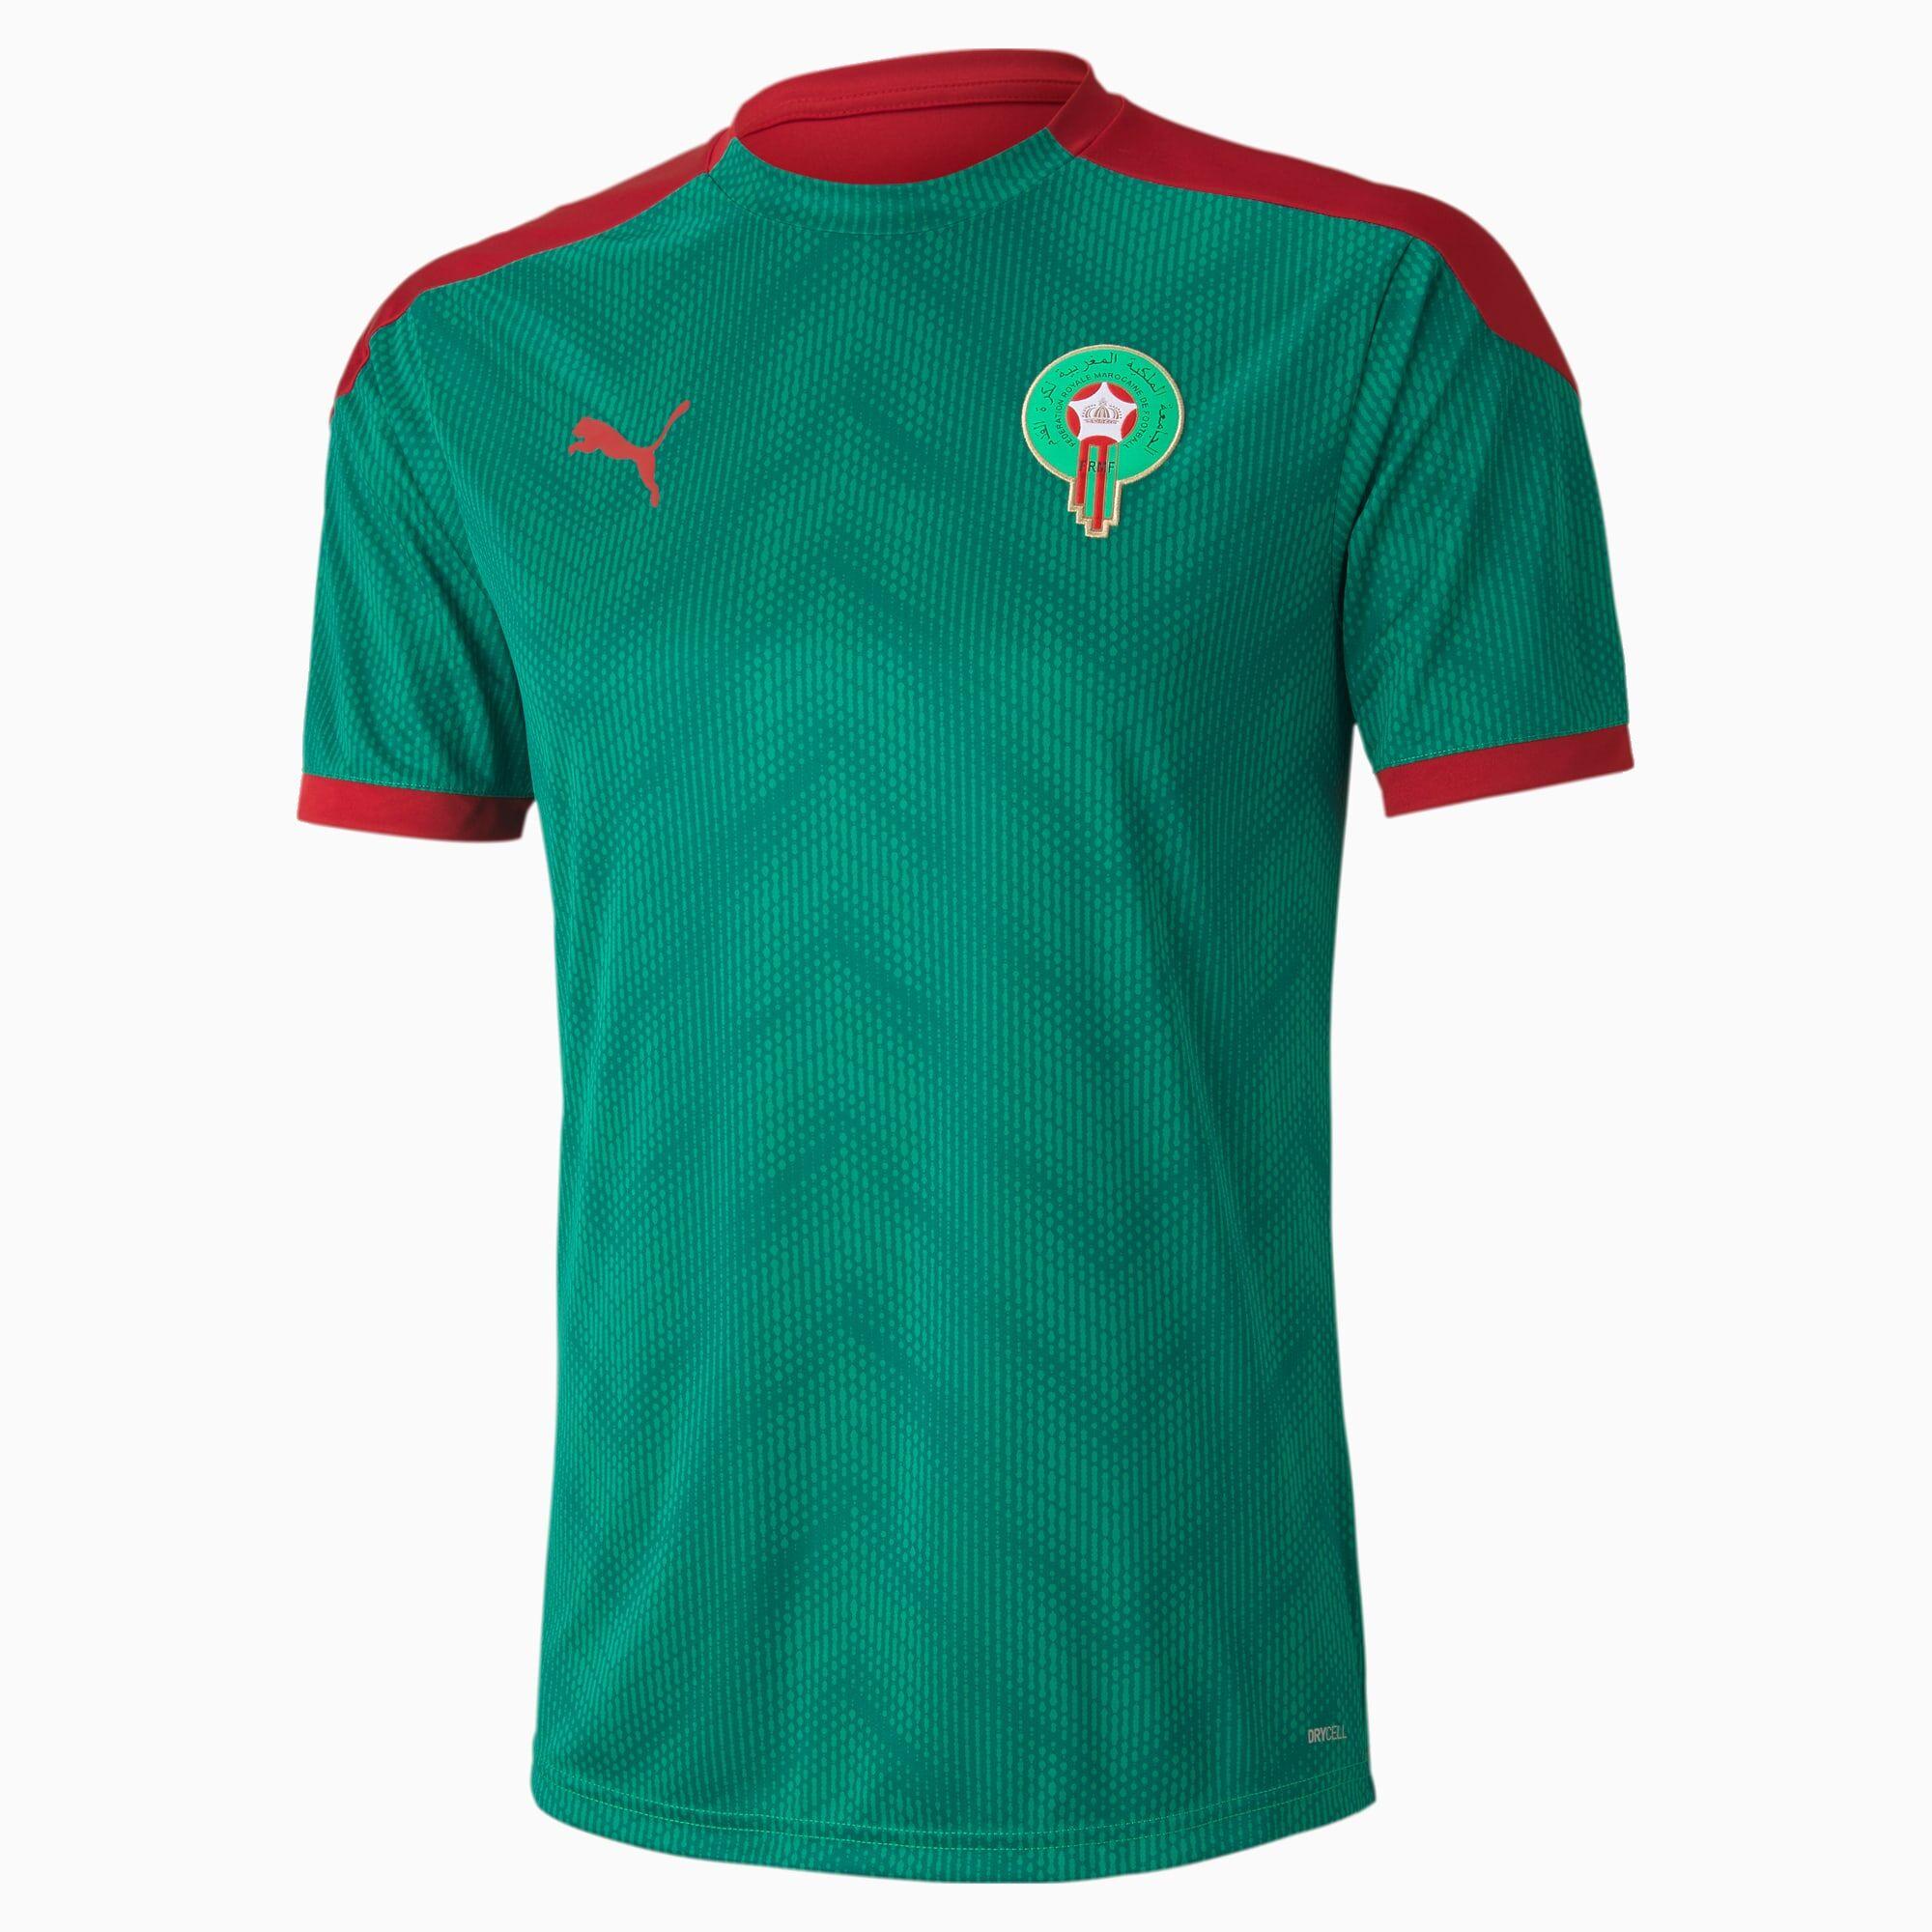 PUMA Maillot Stadium Maroc pour Homme, Vert/Rouge, Taille XL, Vêtements